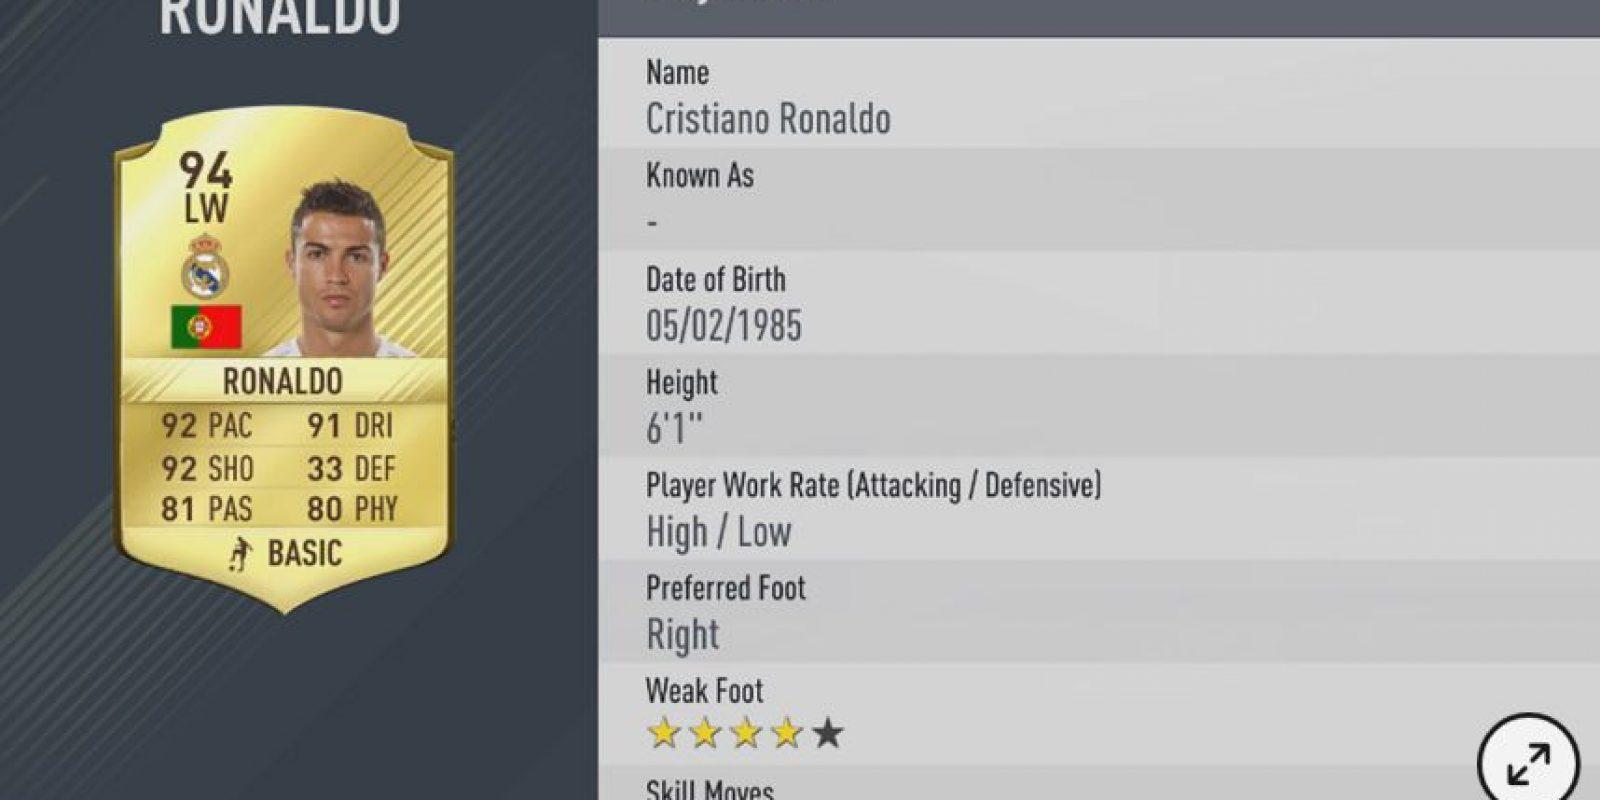 1.-Cristiano Ronaldo